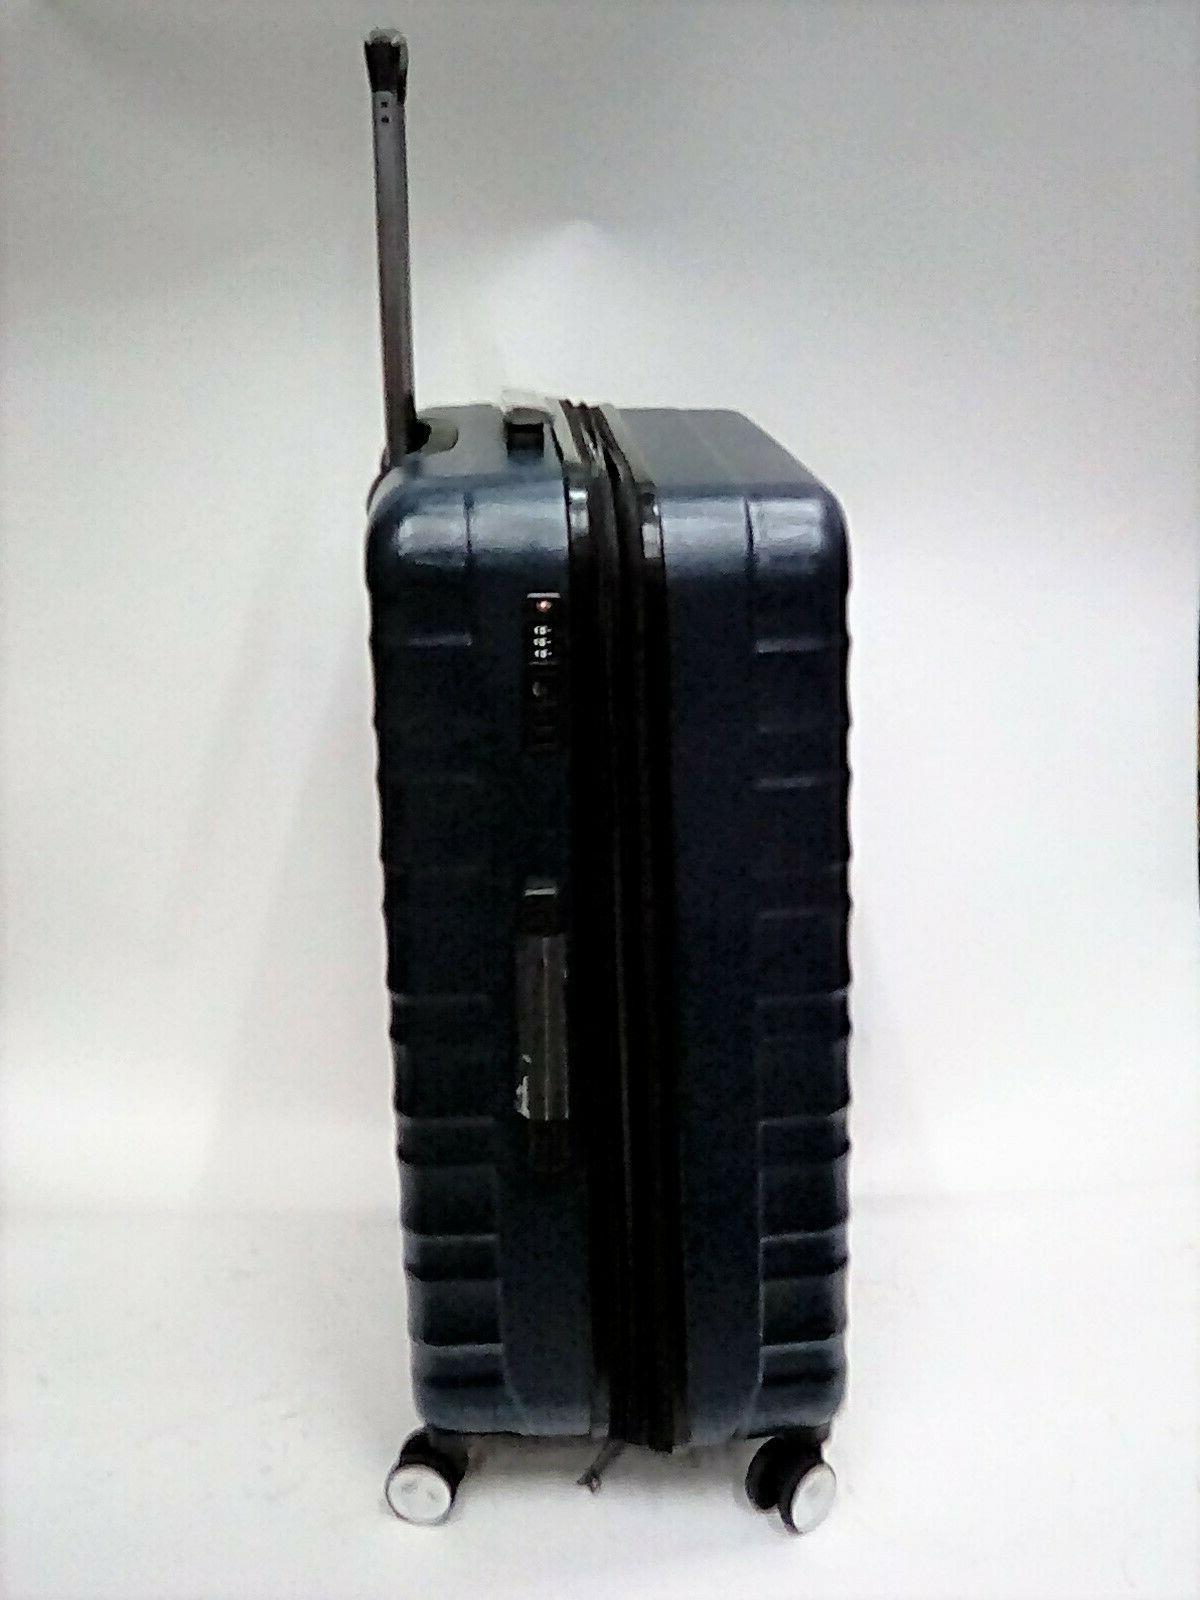 AmazonBasics Premium Spinner Luggage Suitcase,